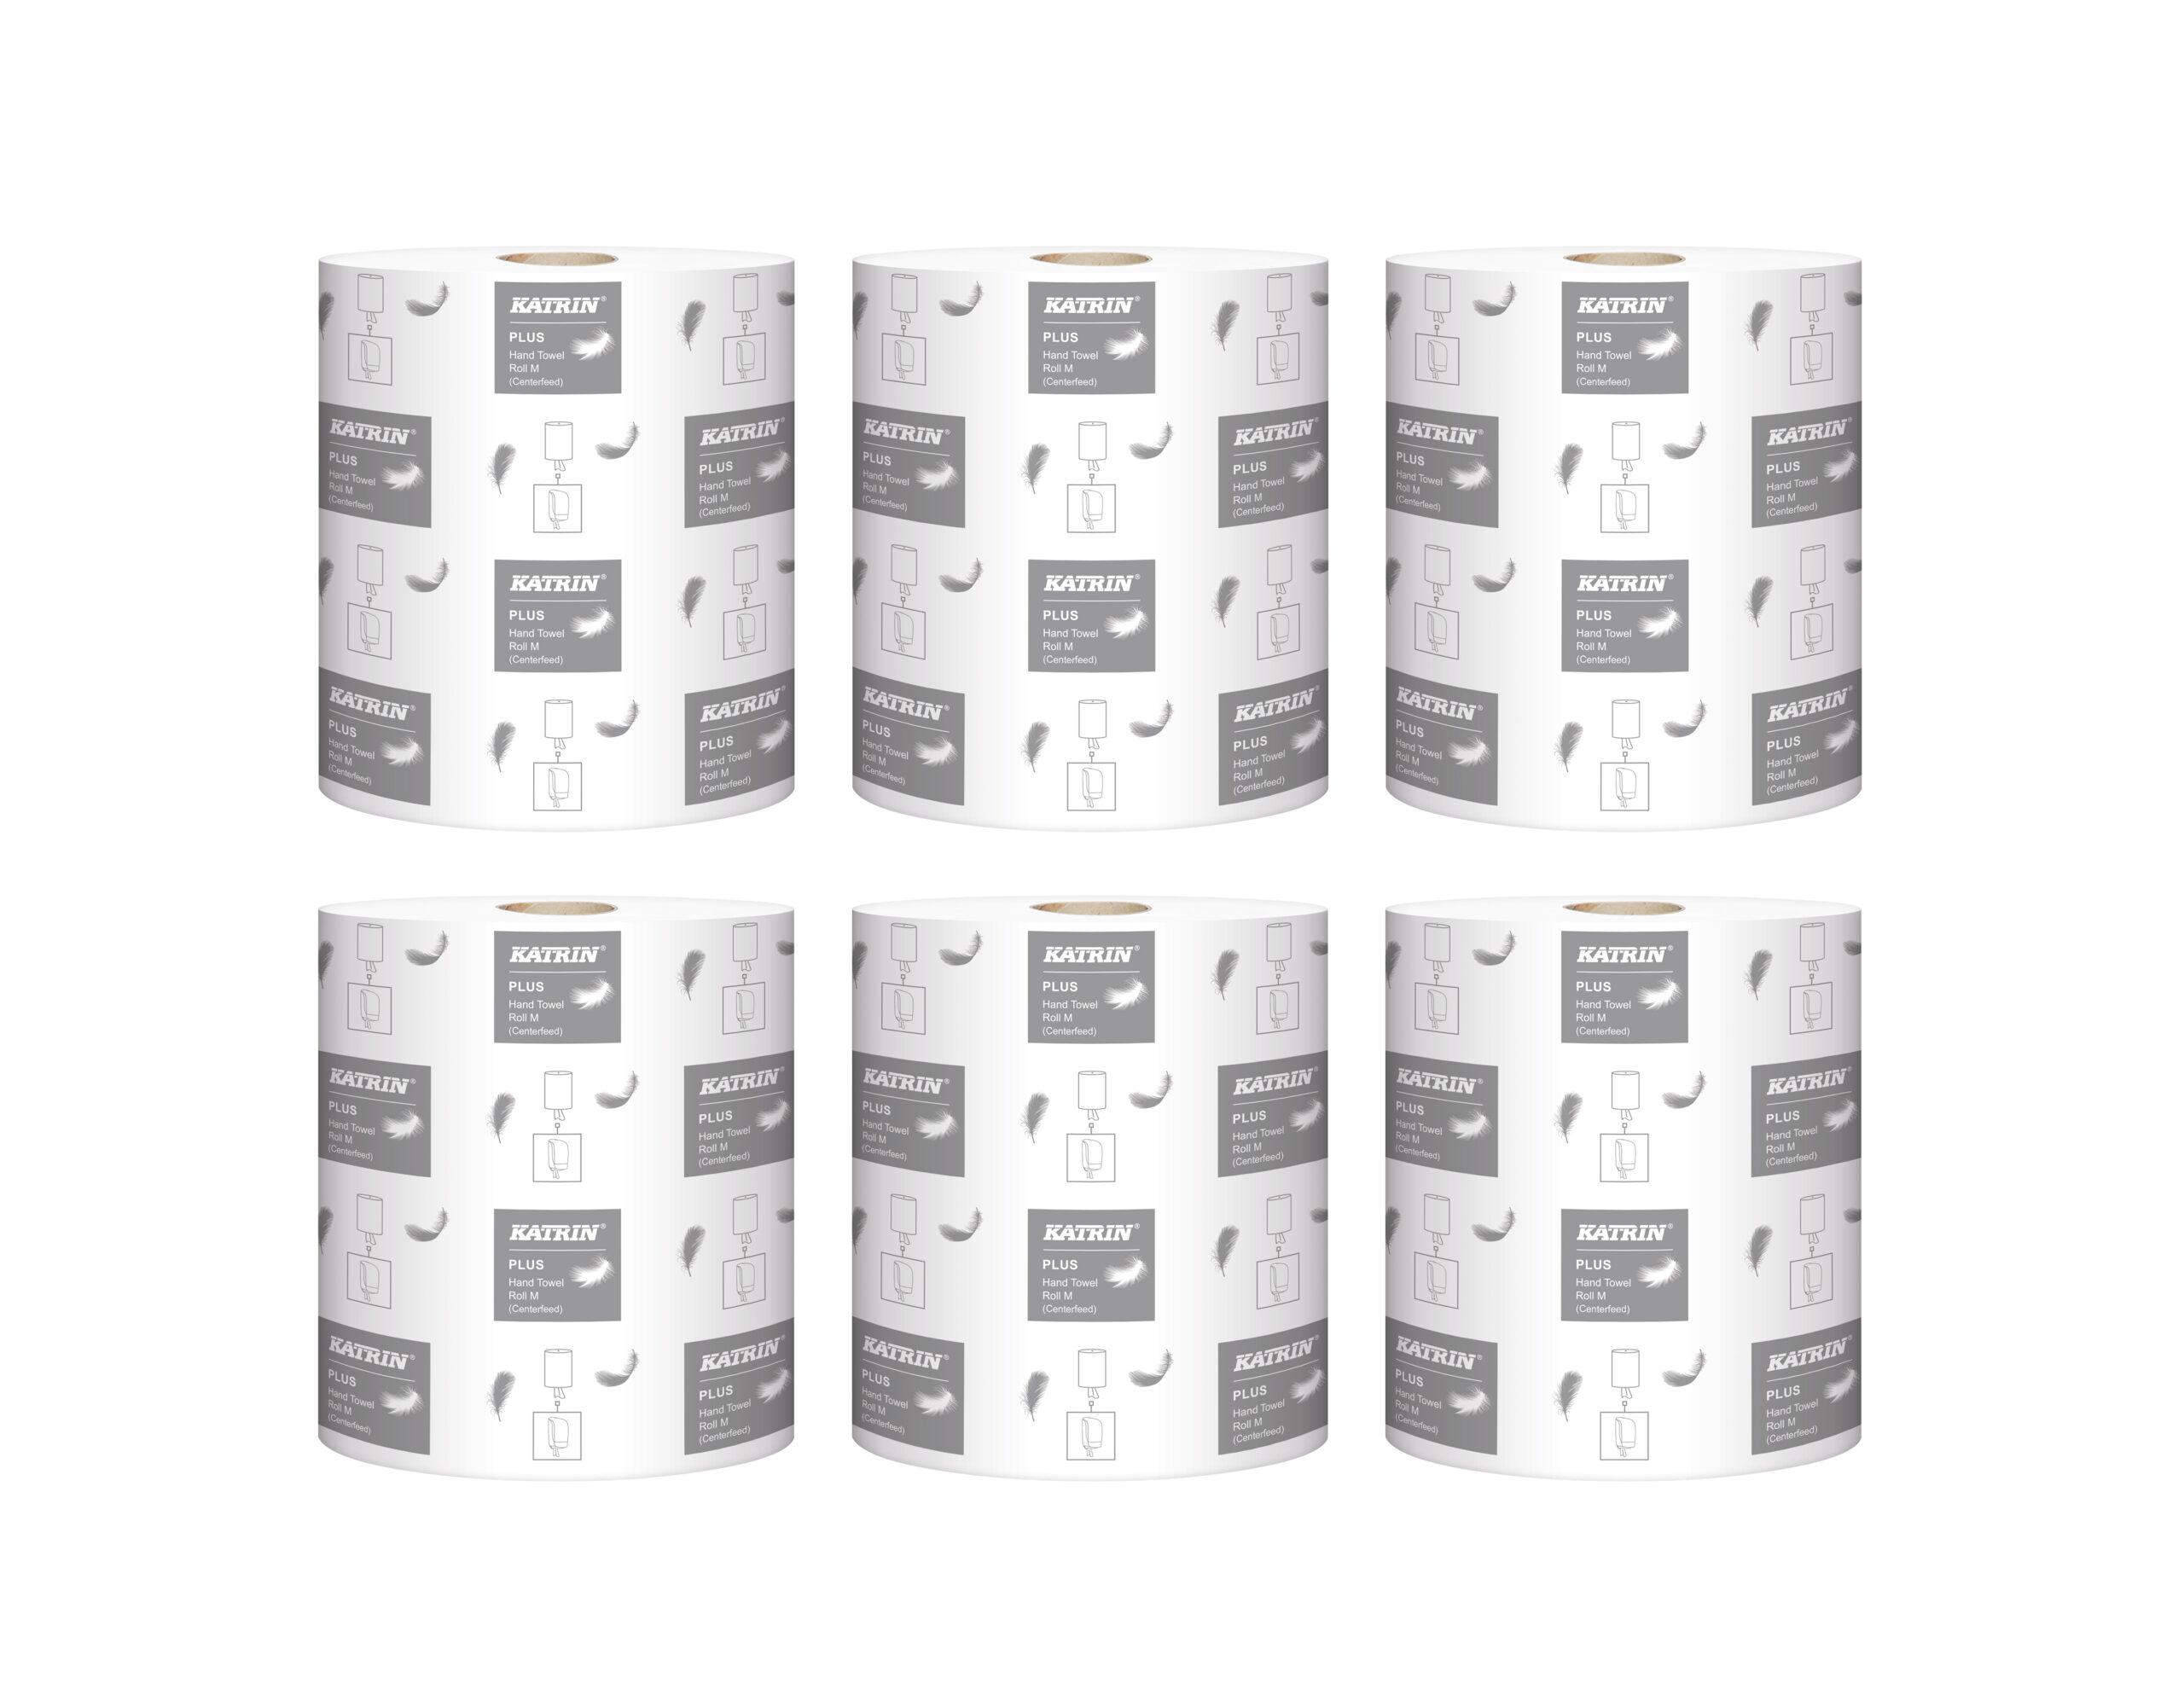 katrin-plus-m-recznik-papierow-w-roli-6-rolek-2658